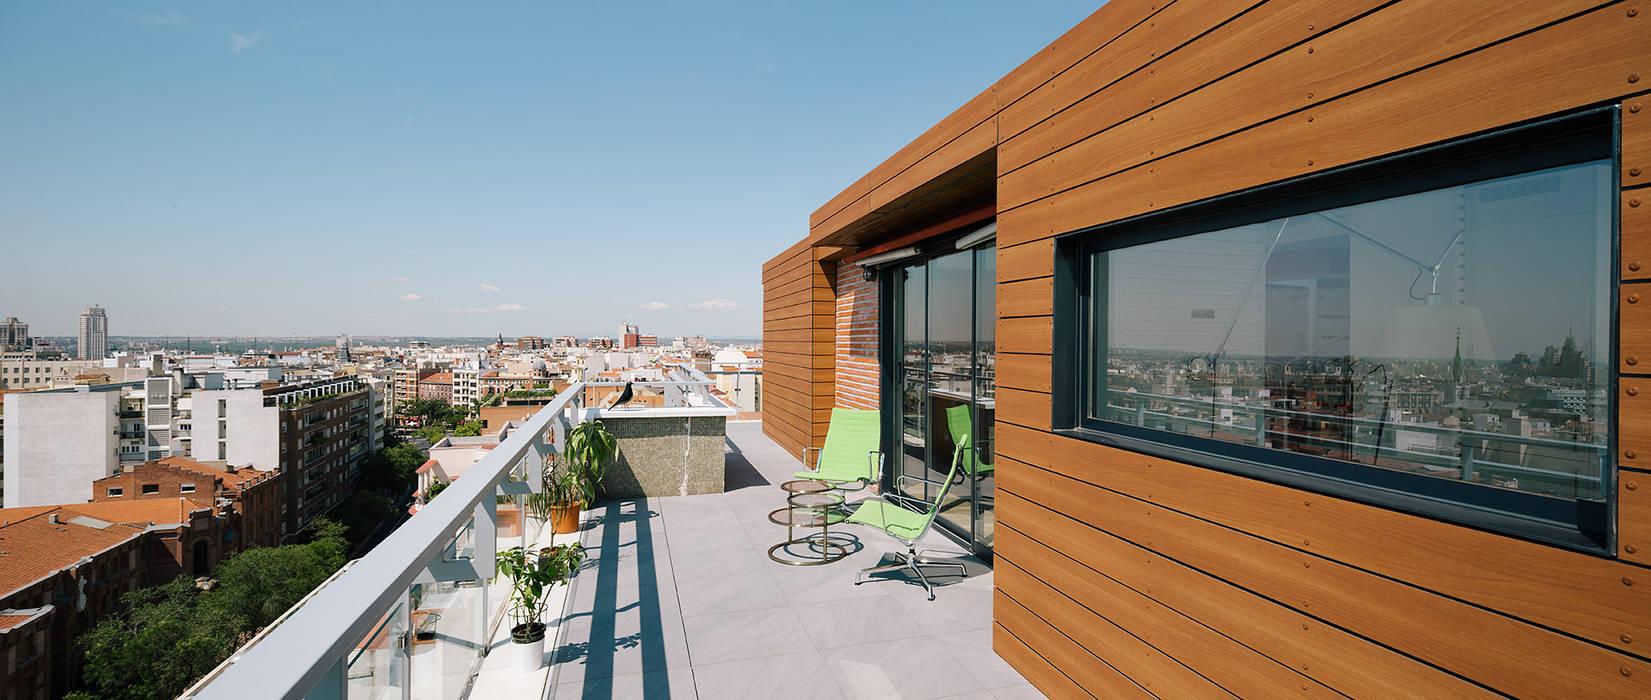 """""""Un chalet en el cielo de Madrid"""" ImagenSubliminal Casas de estilo moderno"""